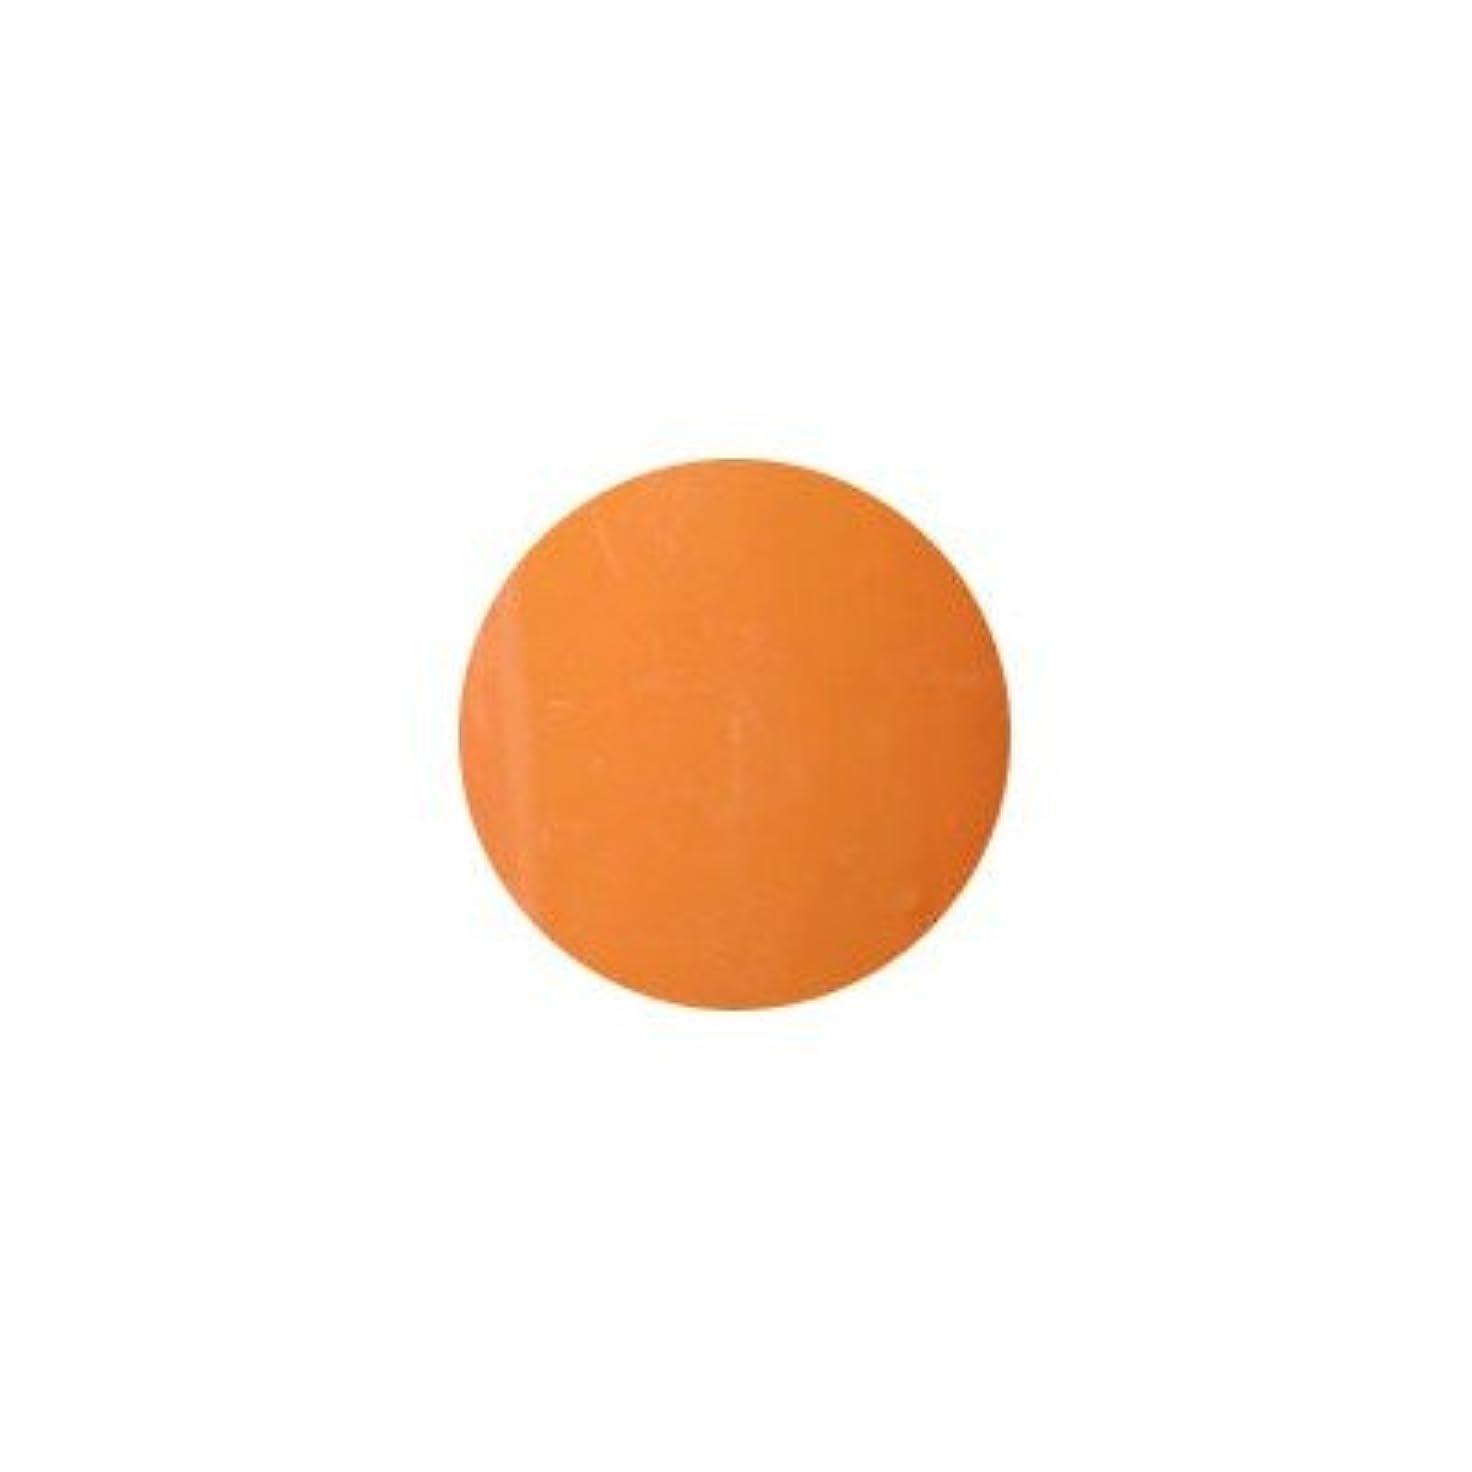 偏心火薬束ねるプティール カラージェル ラヴィング L17 オリエンタルオレンジ